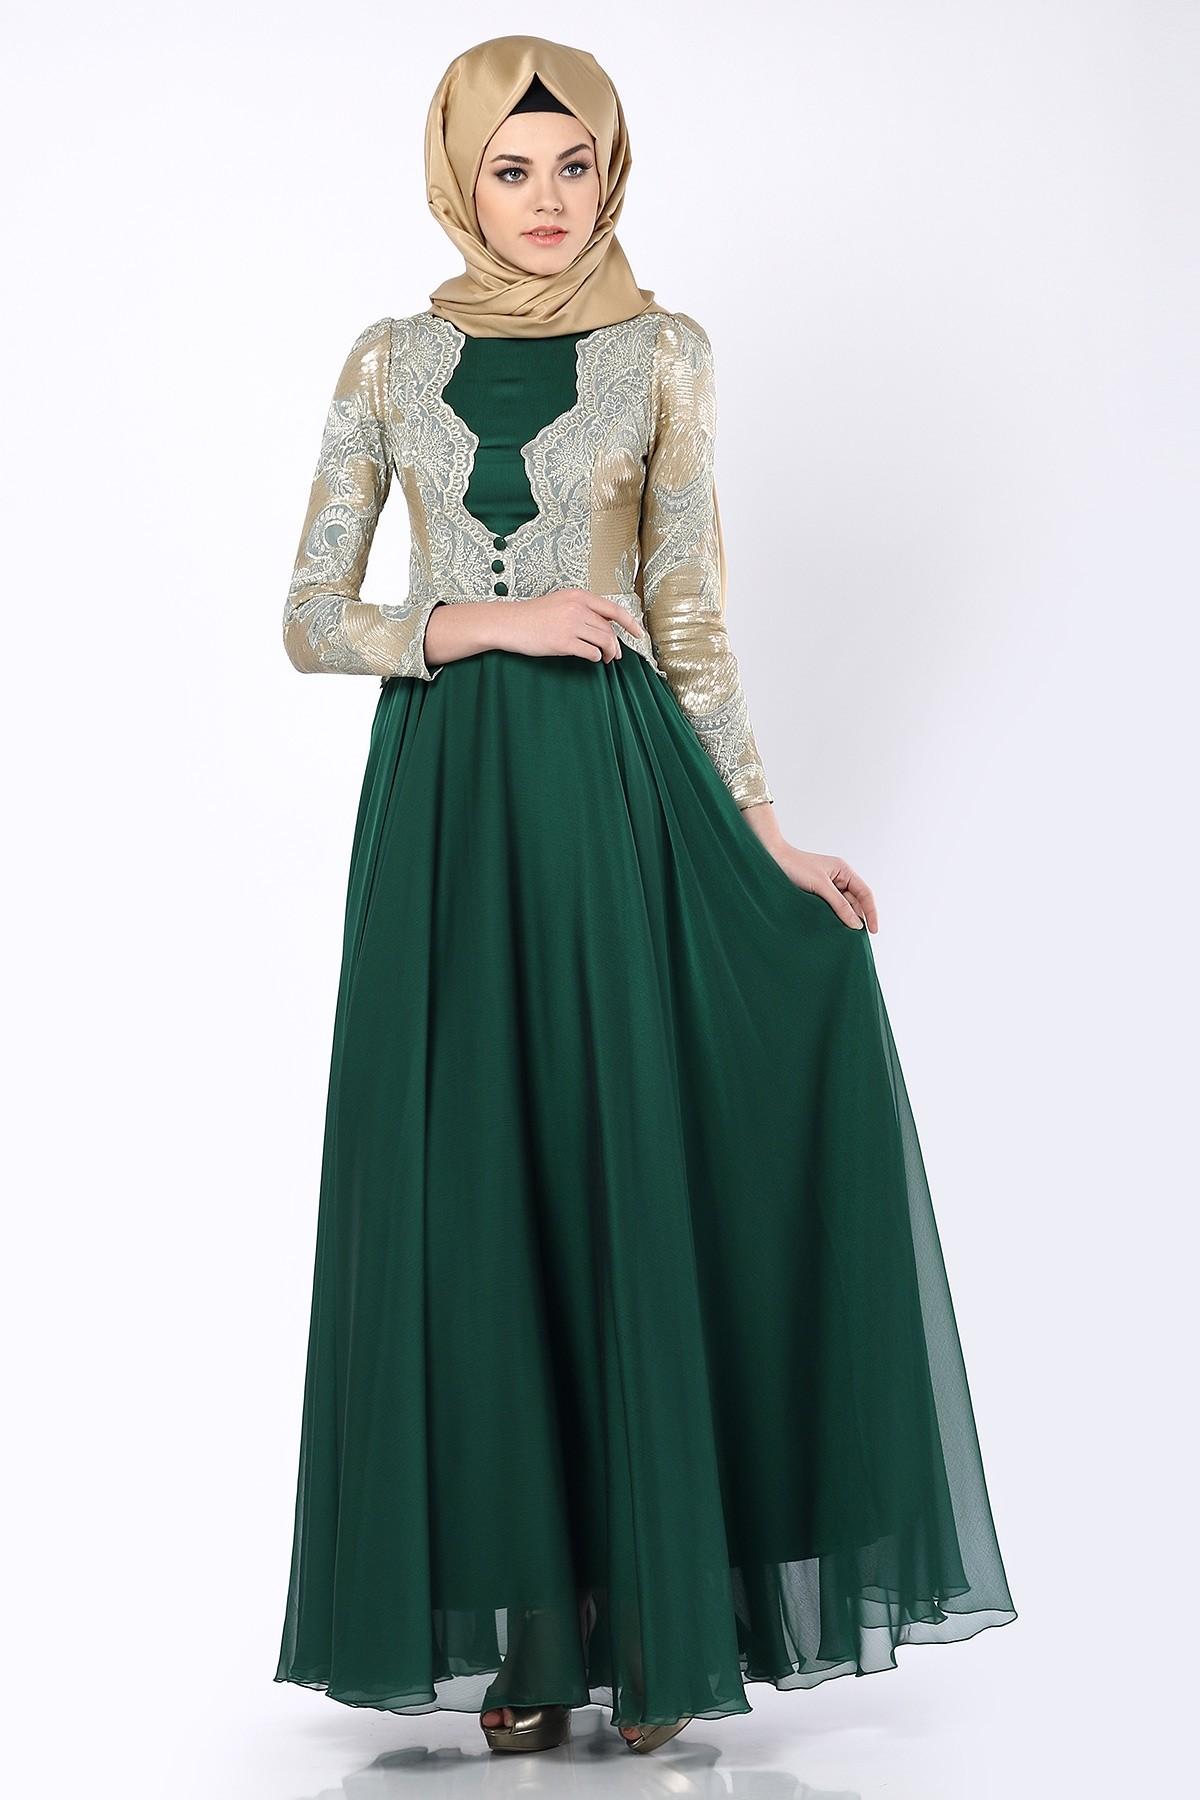 بالصور فساتين طويله فخمه , جمال الفساتين الطويلة وشياكتها على الفتاة 2684 5